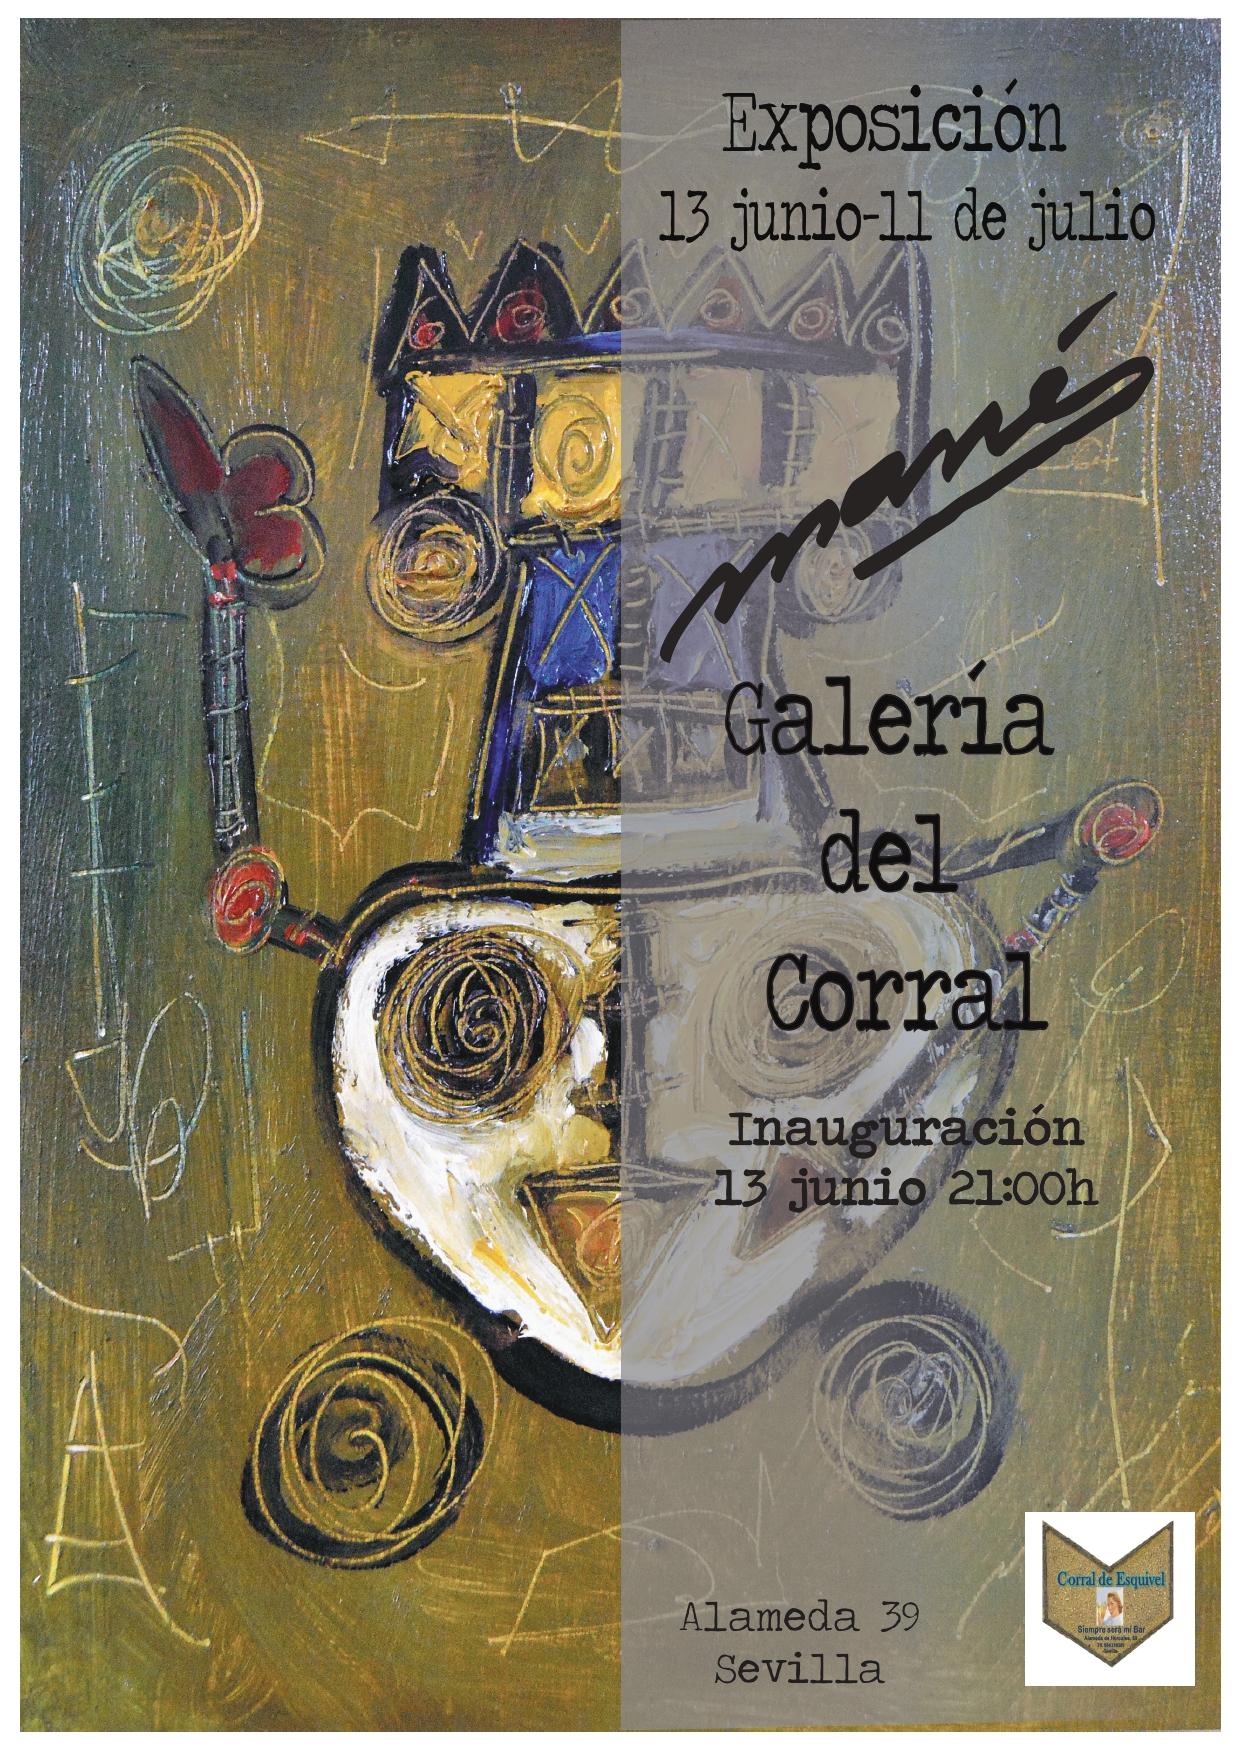 Cartel Galeria del Corral A4_page-0001 (1)